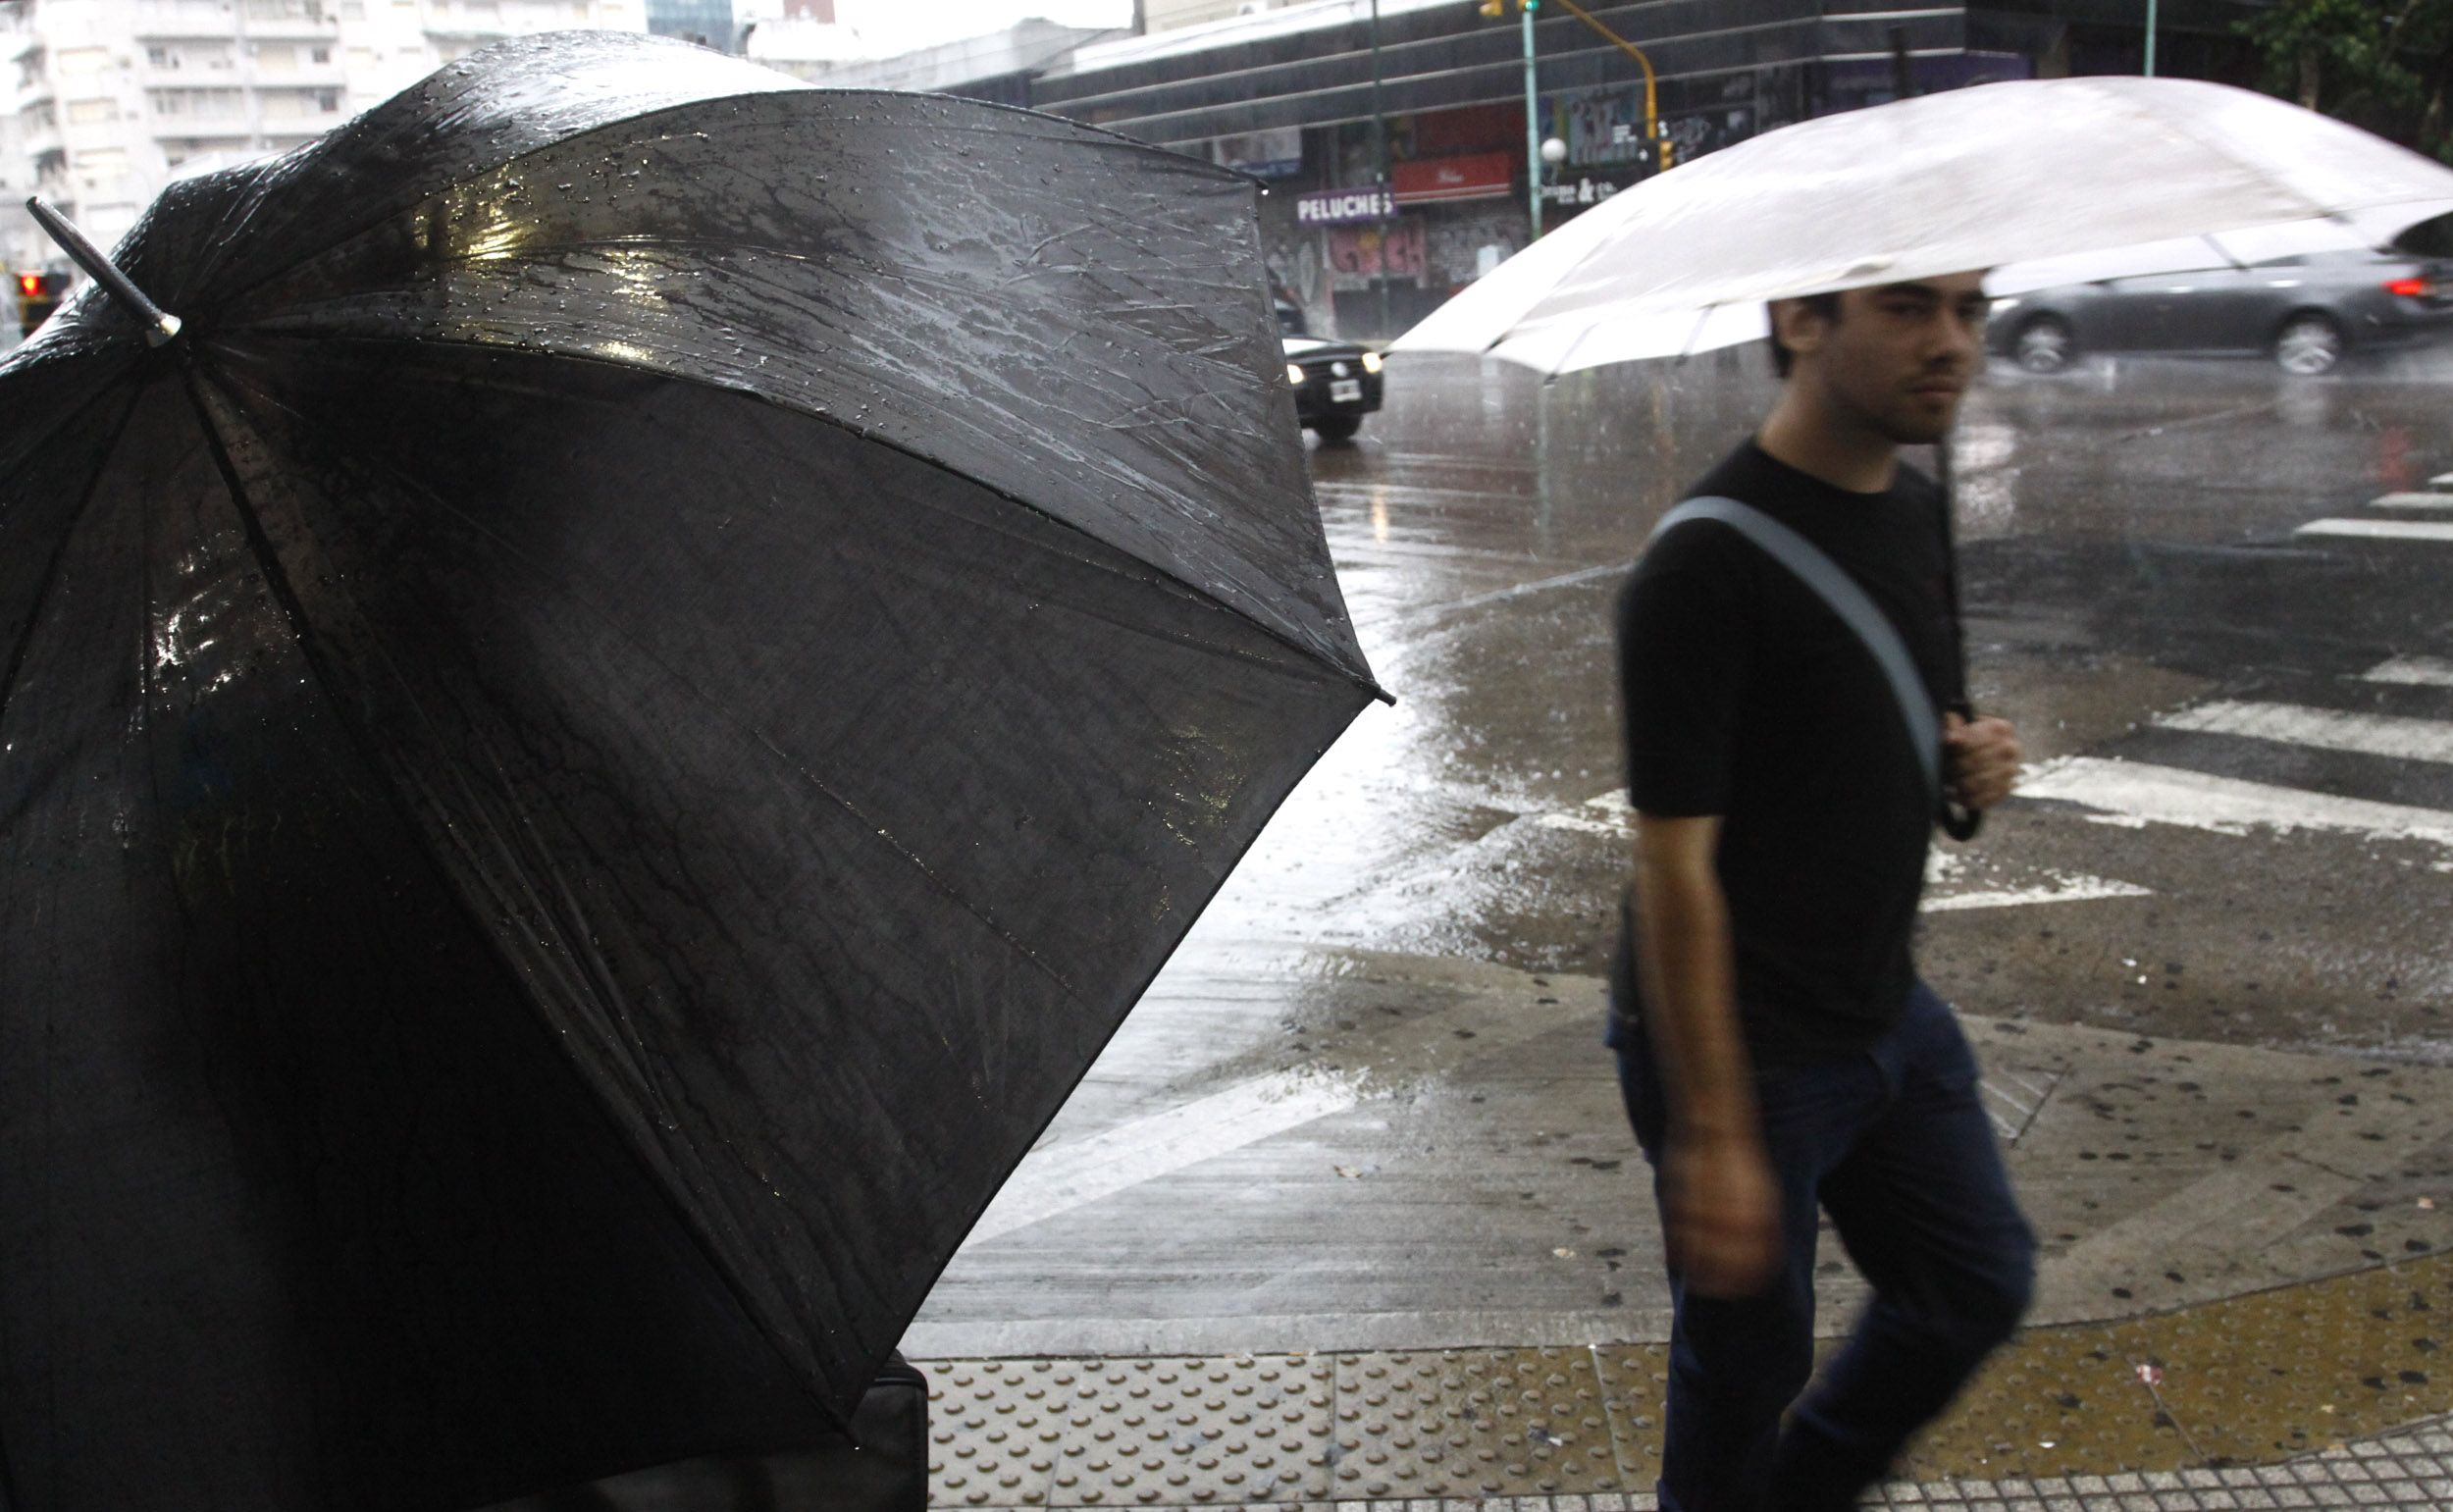 En pleno otoño, la Ciudad arde: 37 grados y se viene una fuerte tormenta con granizo